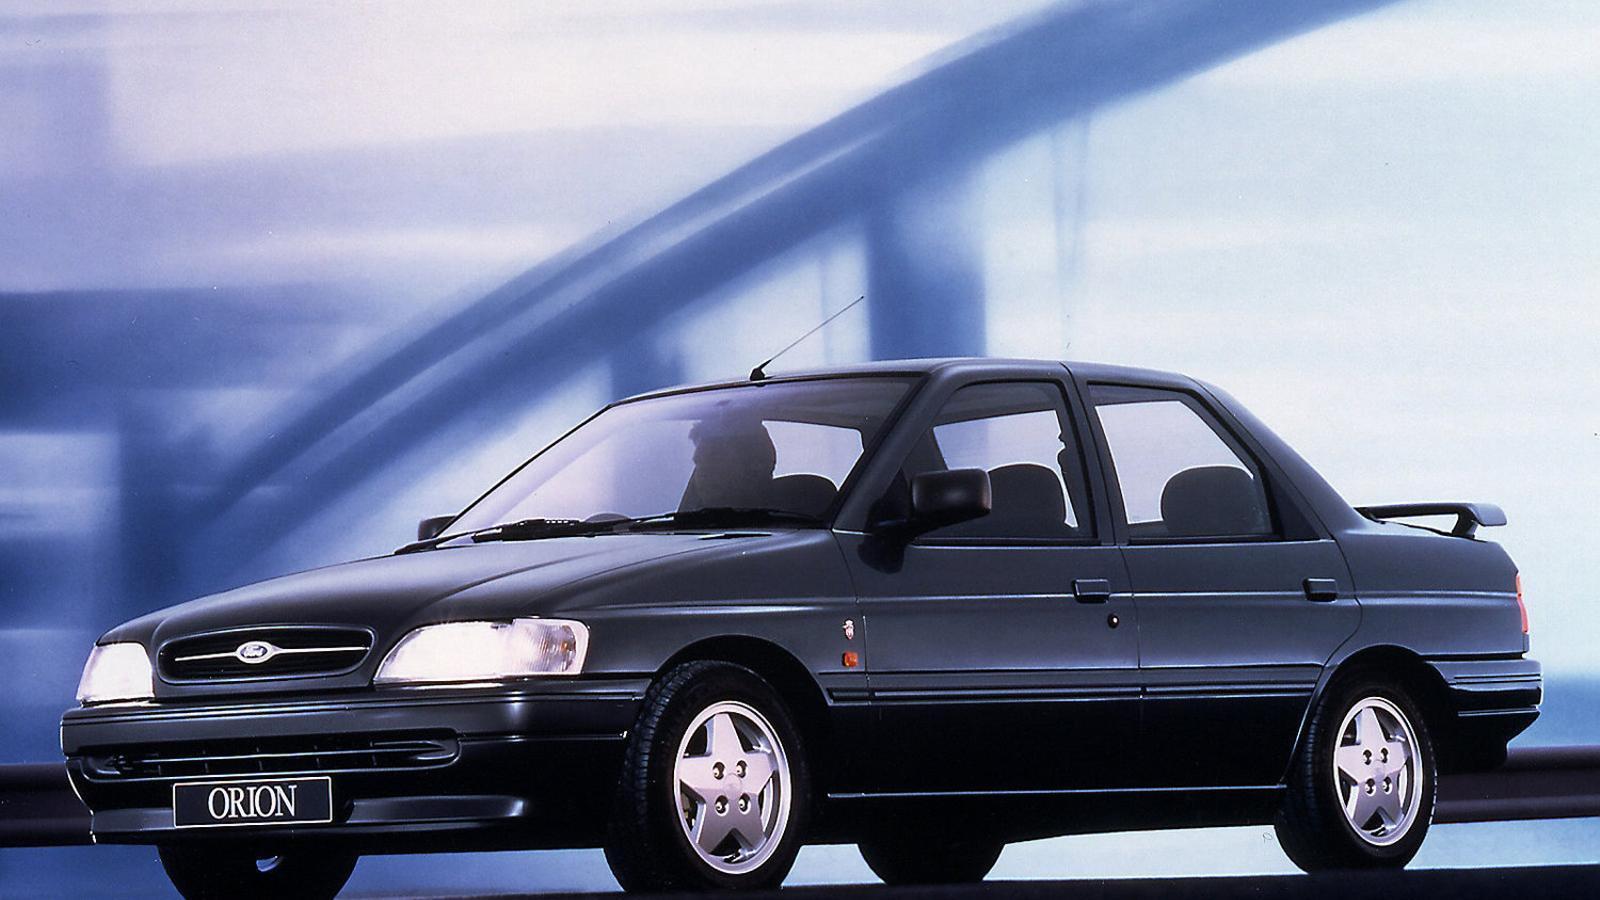 Ford Orion: a mig camí de tot i de res